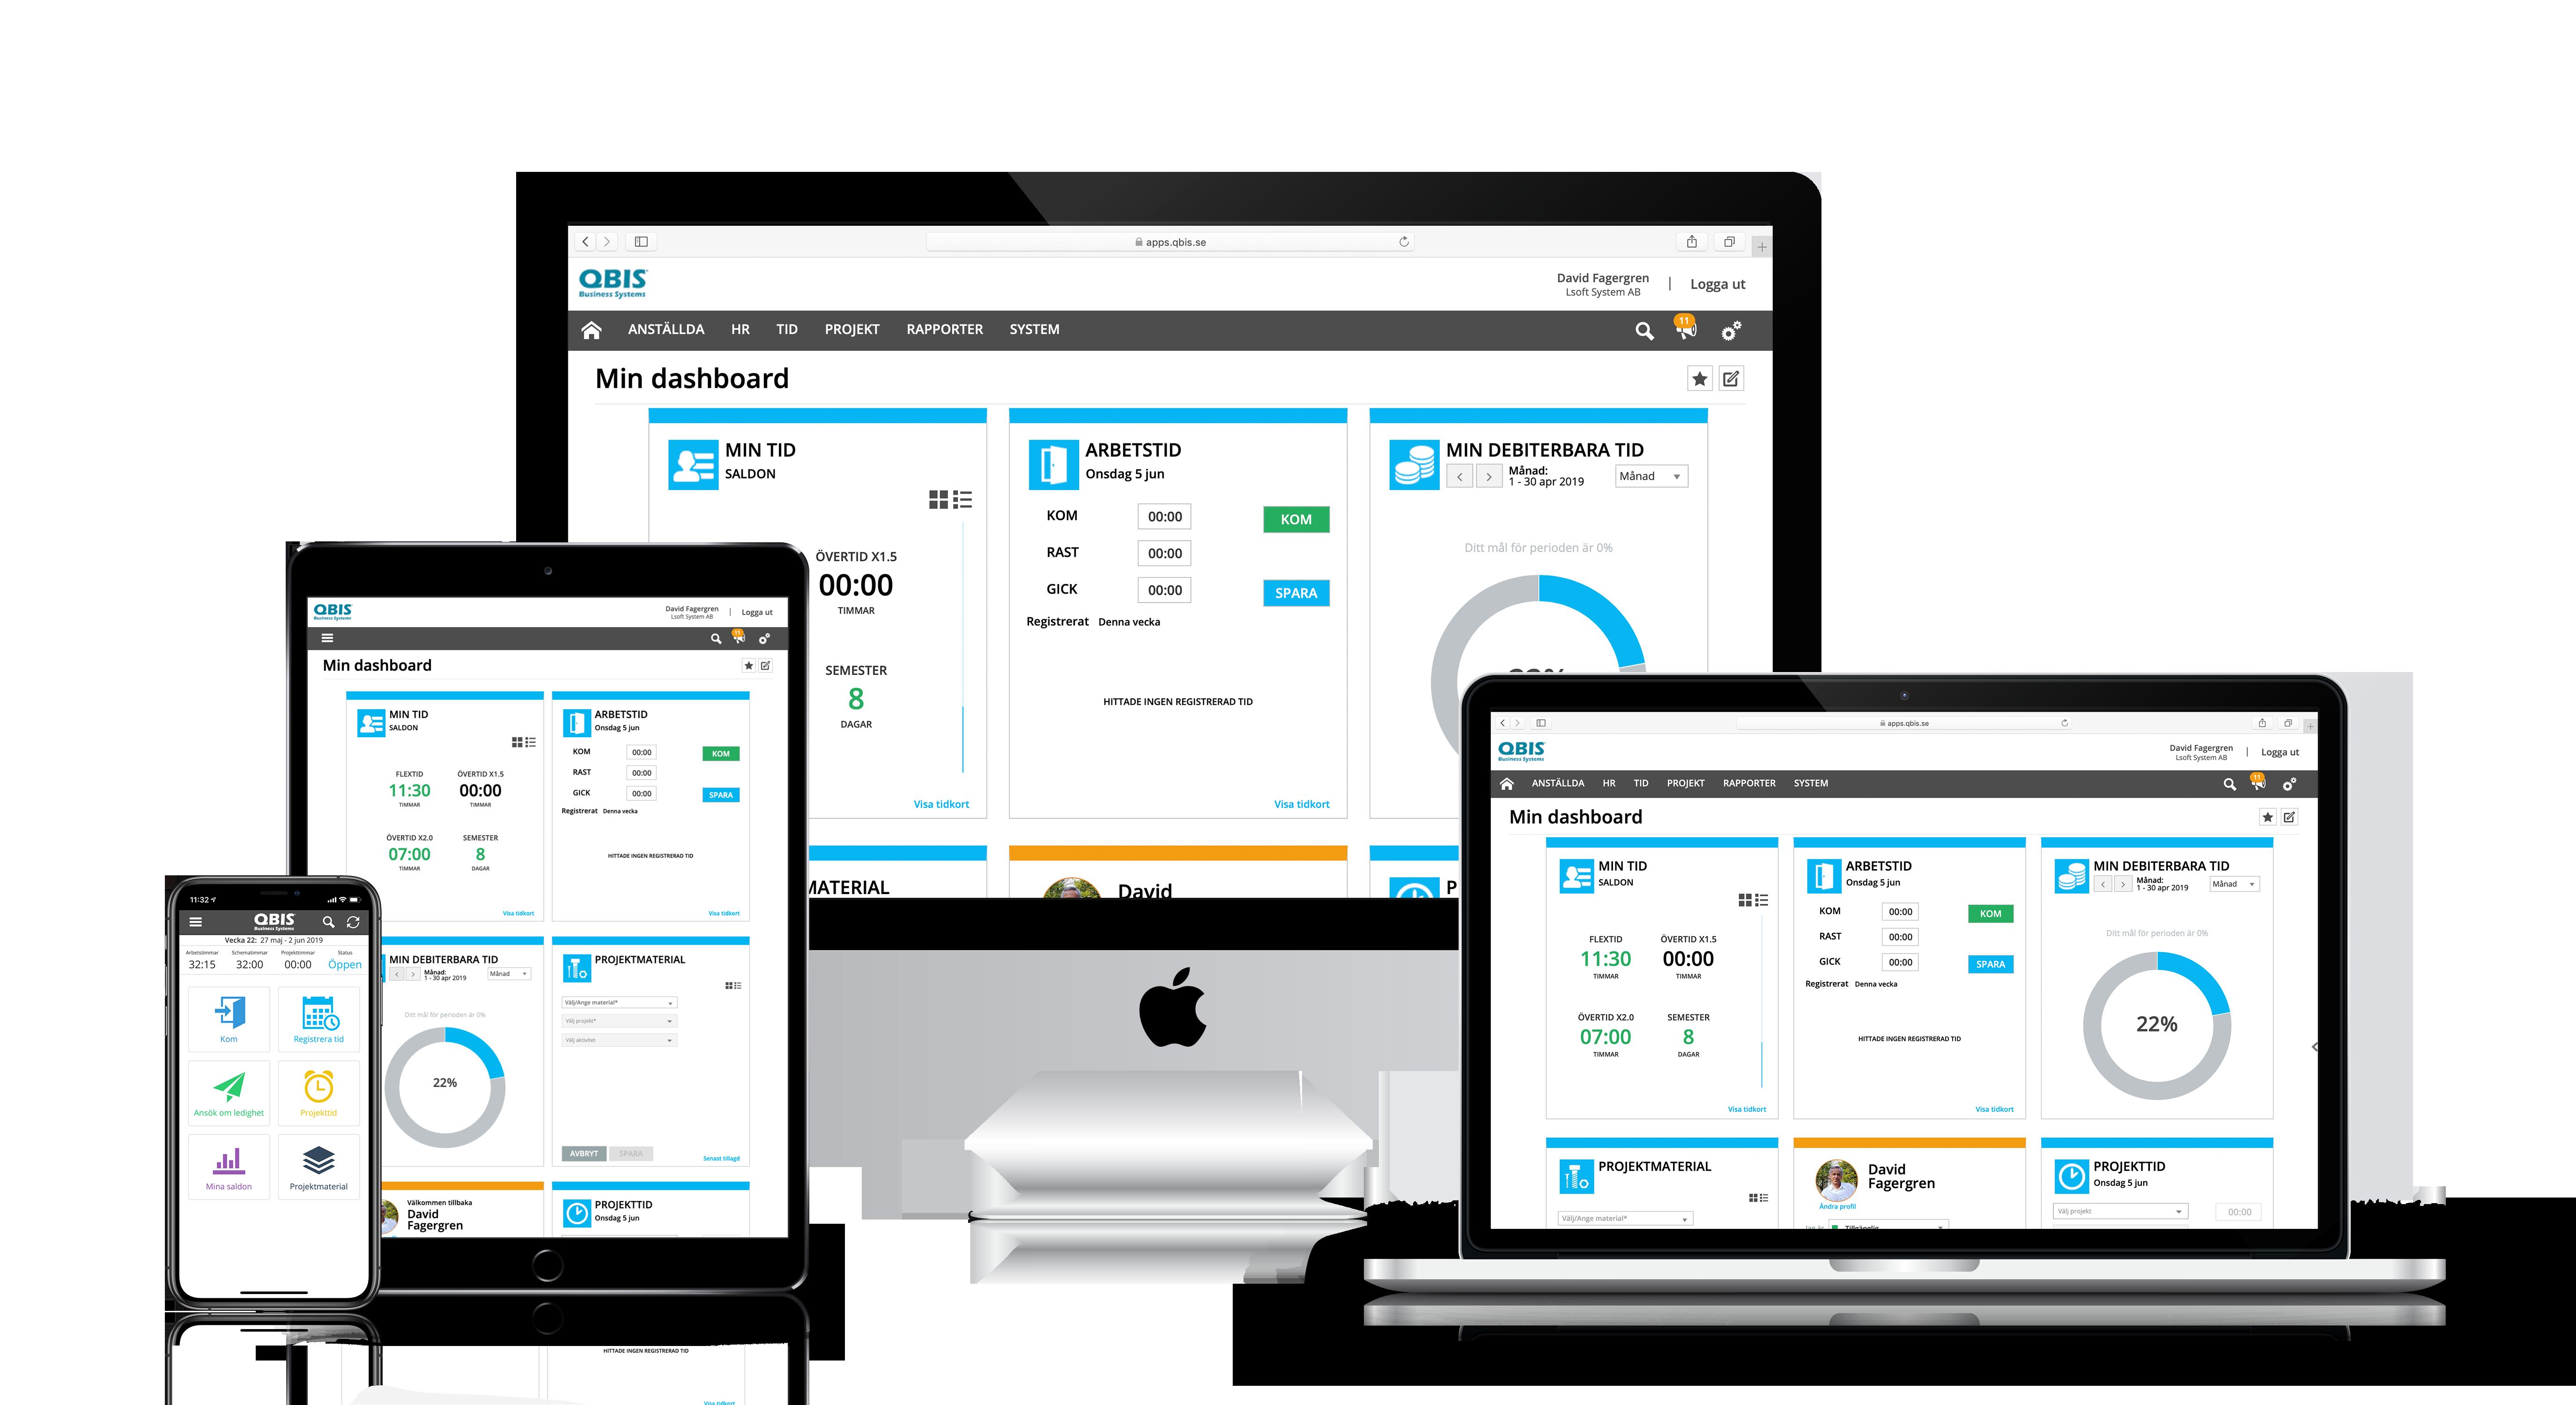 QBIS webbaserat tillgängligt på flera enheter